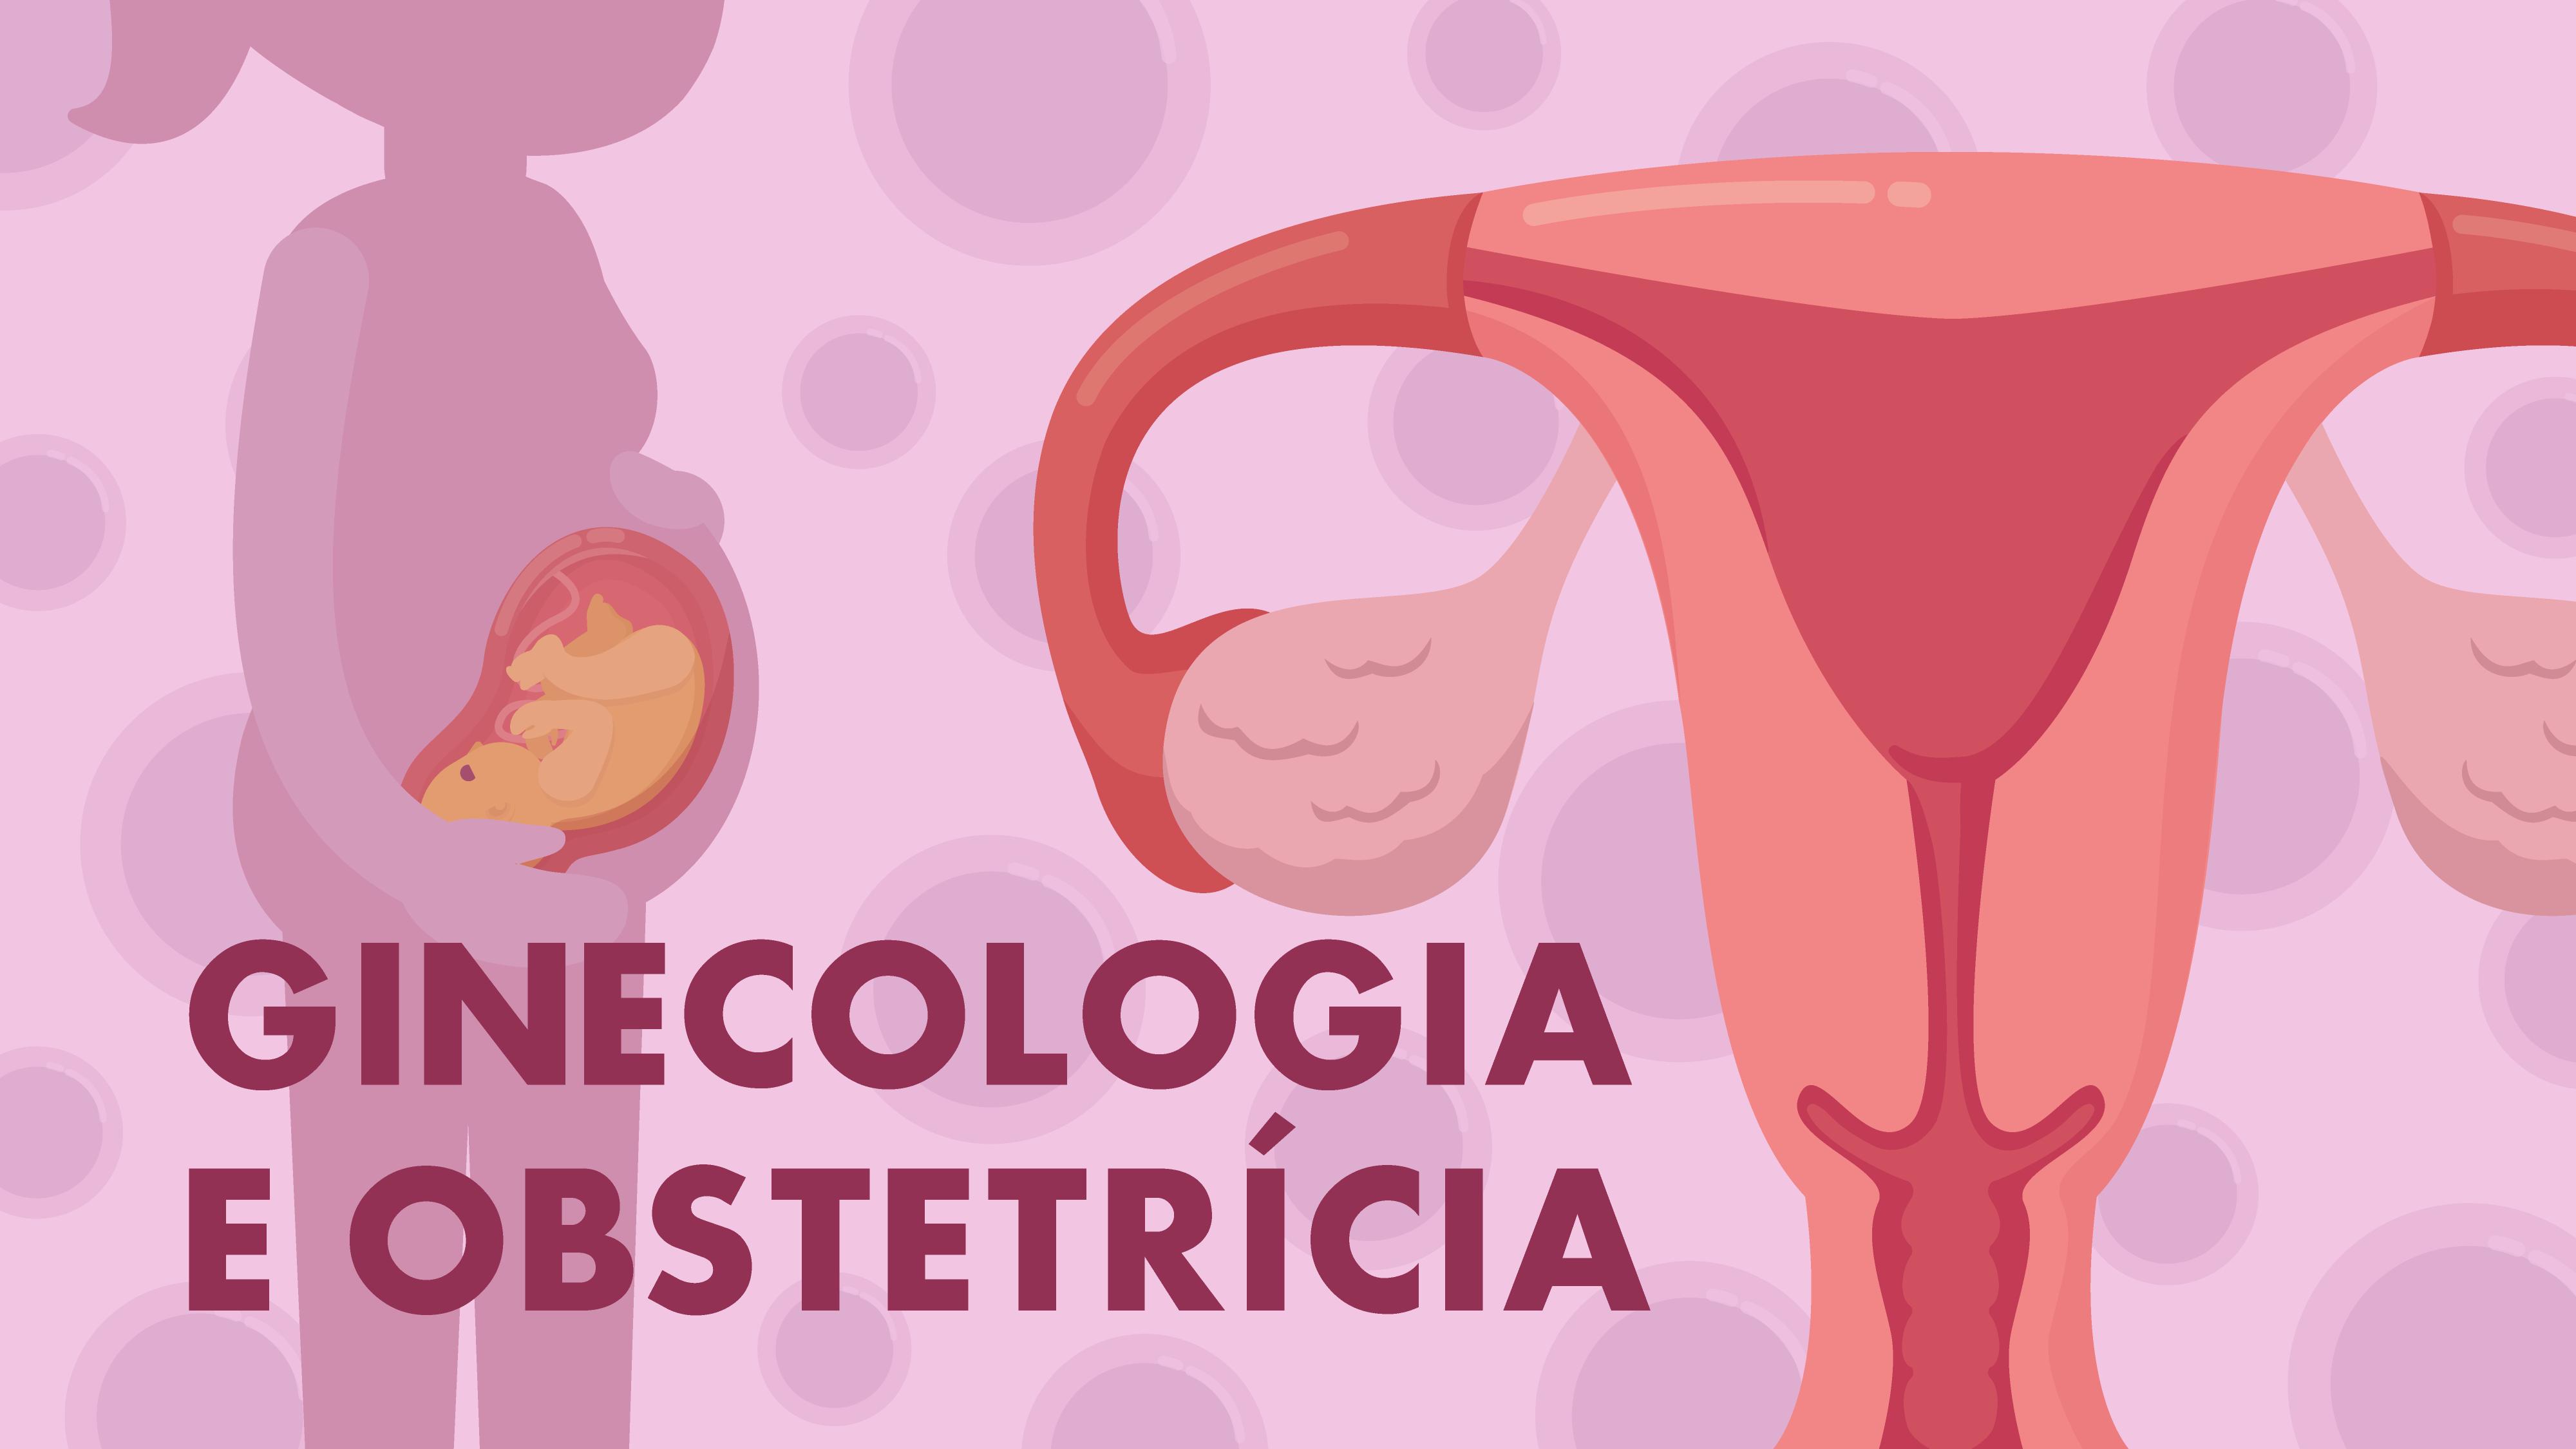 Thumbnail ginecologia